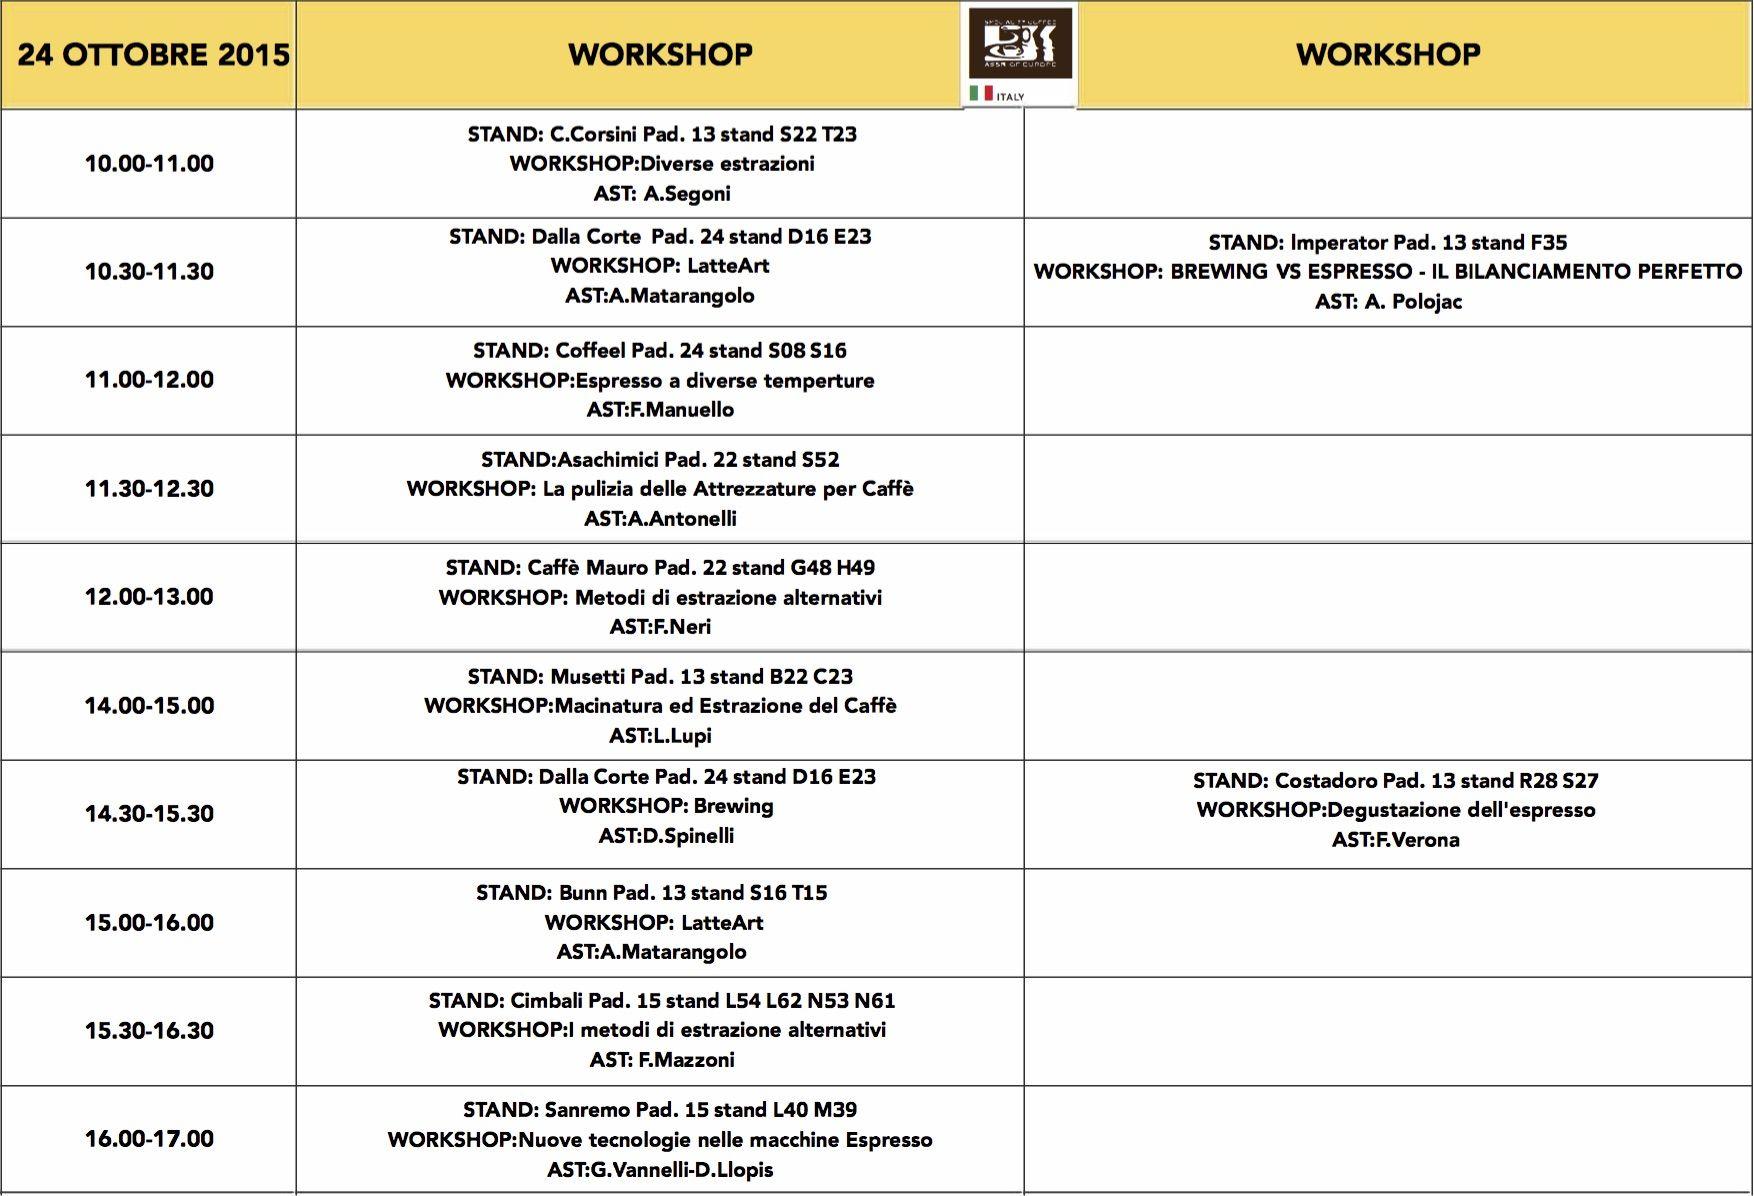 Verso host scae italia il programma completo dei workshop for Programma per disegnare le planimetrie gratuitamente